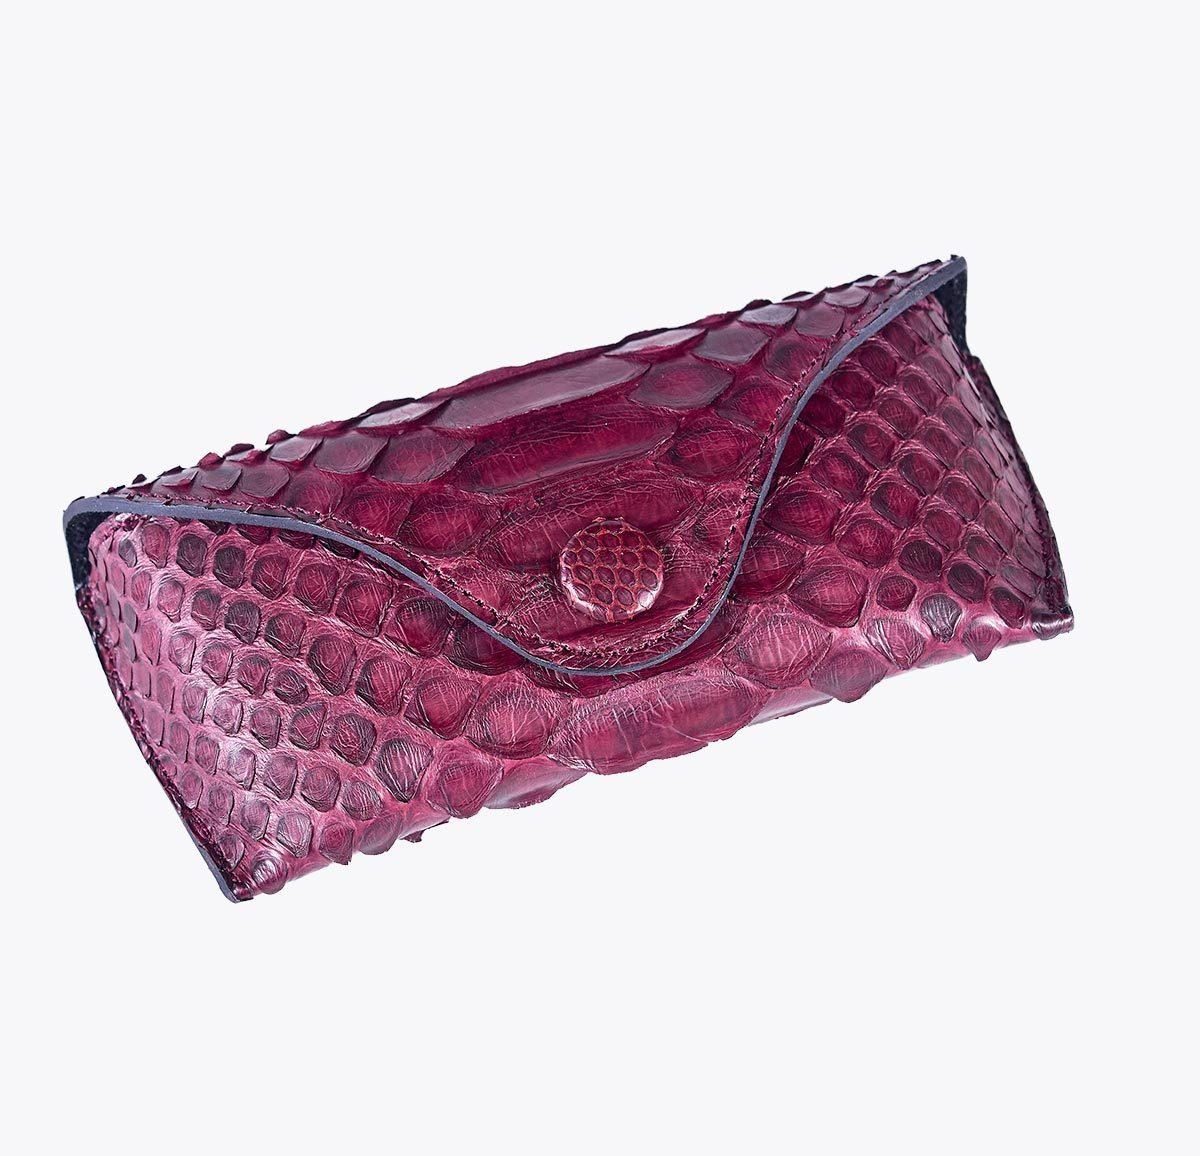 Monedero pitón granate Accesorios y complementos en mandalashoes. Accessories in mandalashoes. Zubehör in Mandalas.